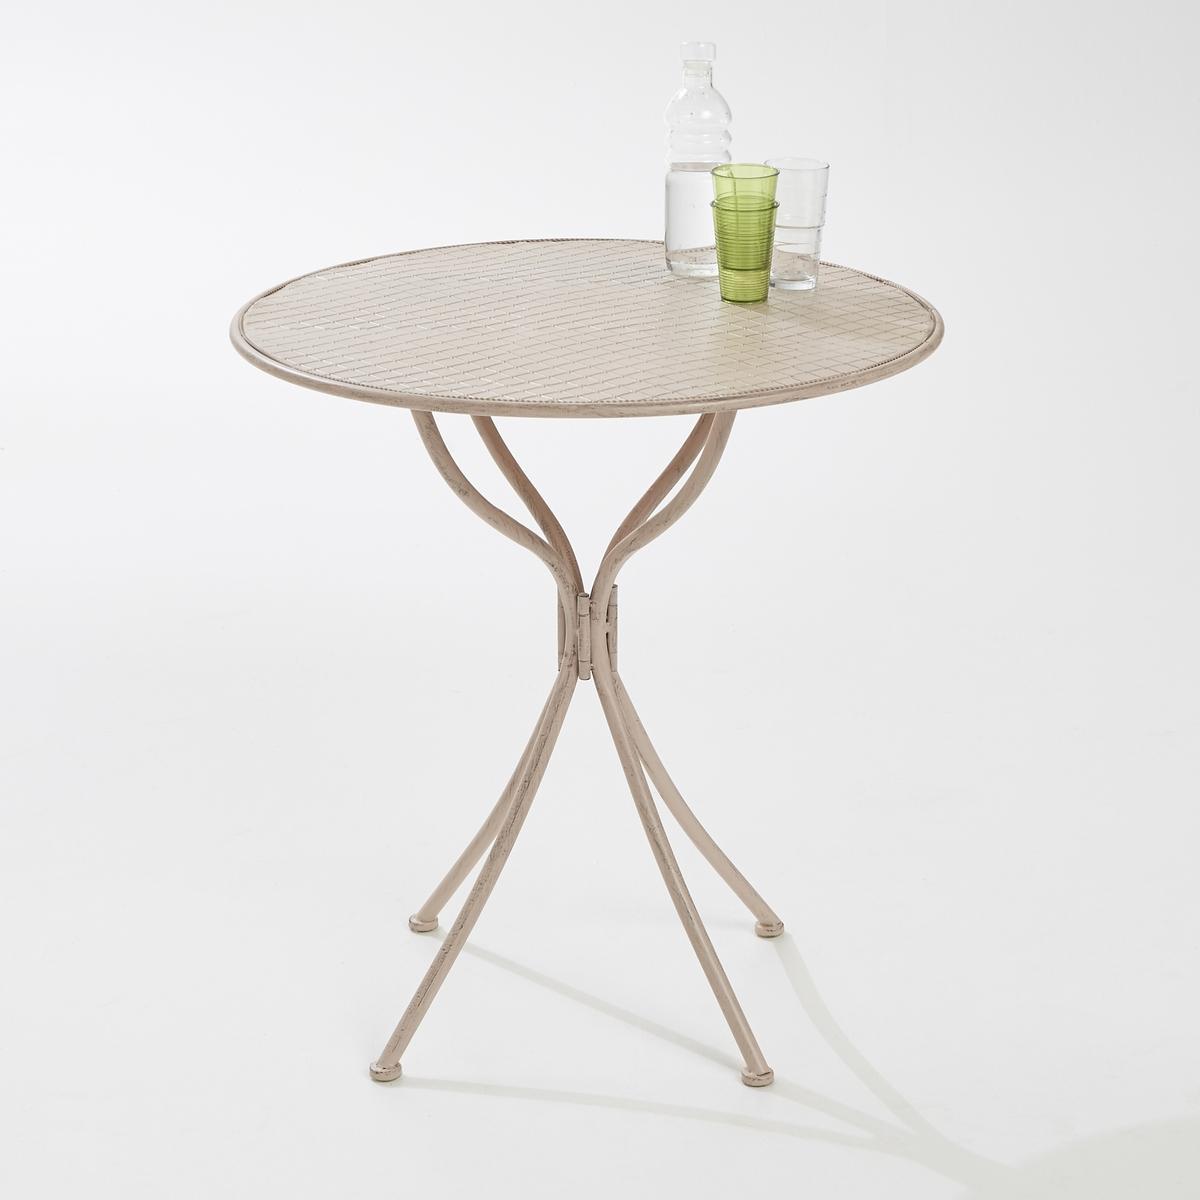 Стол садовый металлический круглой формыЗанимая минимум пространства, этот стол, тем не менее, будет очень удобен для завтрака на свежем воздухе или в качестве дополнительного стола для обеда семьей.Характеристики садового стола:Круглая столешница.Каркас из металла с покрытием эпоксидной краской.Размеры садового стола:Высота: 73 см.Диаметр столешницы: 70 см.Размеры коробки:1 коробка80 см x 80 см x 10 смВес: 4,9 кгДоставка:Данная модель стола требует самостоятельной сборки.Доставка осуществляется до квартиры по предварительной договоренности!Внимание! Внимание! Убедитесь в том, что посылку возможно доставить на дом, учитывая ее габариты (двери, лестницы, лифты).<br><br>Цвет: розовая пудра<br>Размер: единый размер